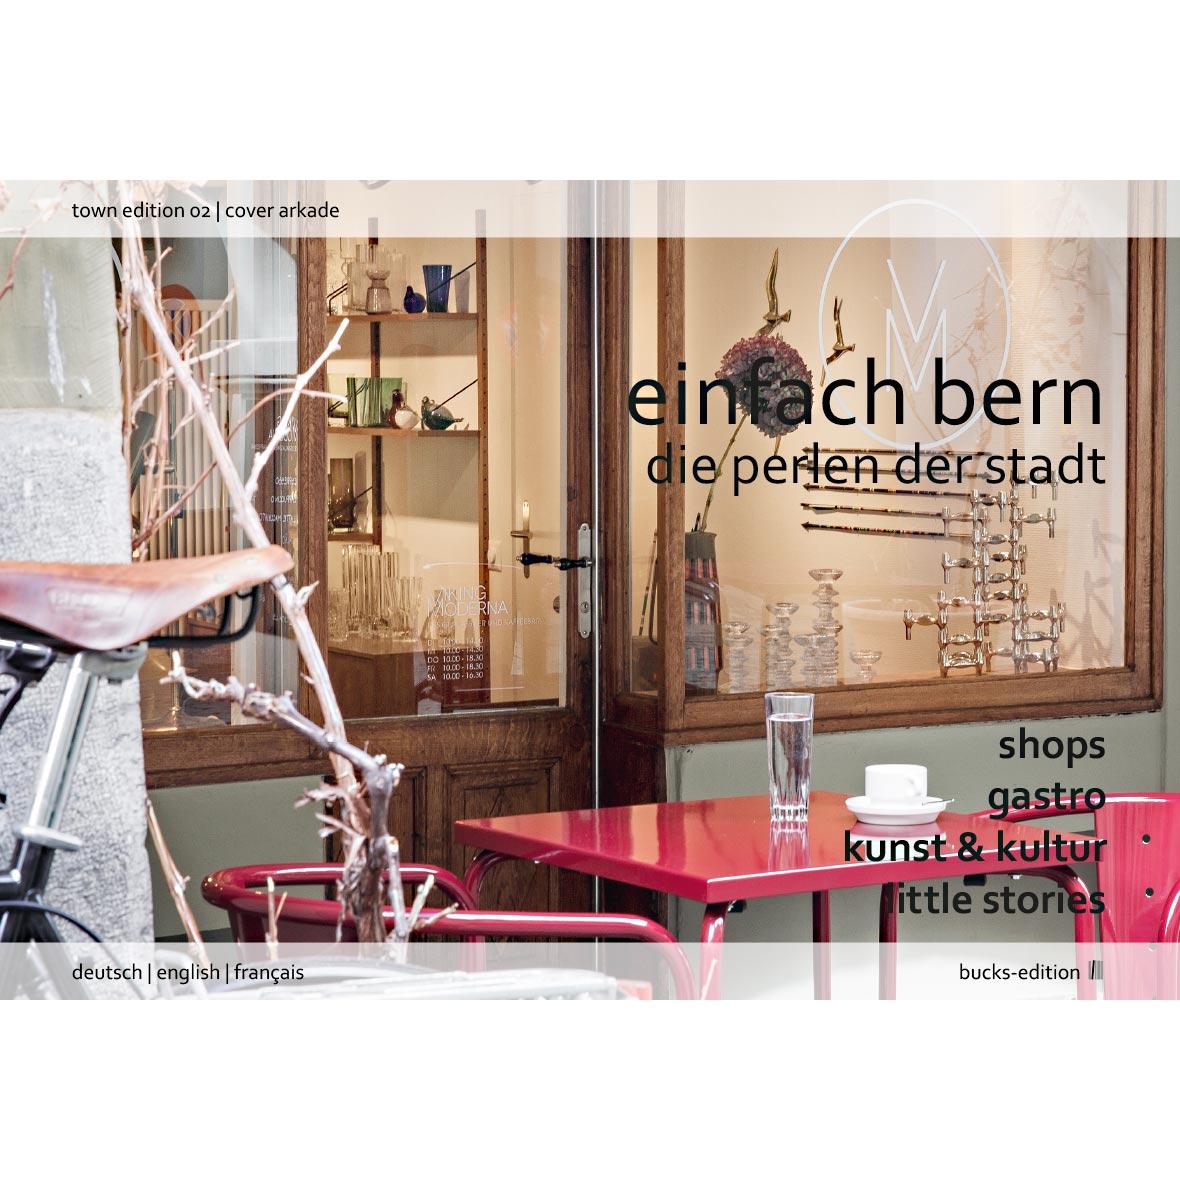 Stadtbuch - Einfach Bern Edition 2 – Die Perlen der Stadt - Cover Arkade